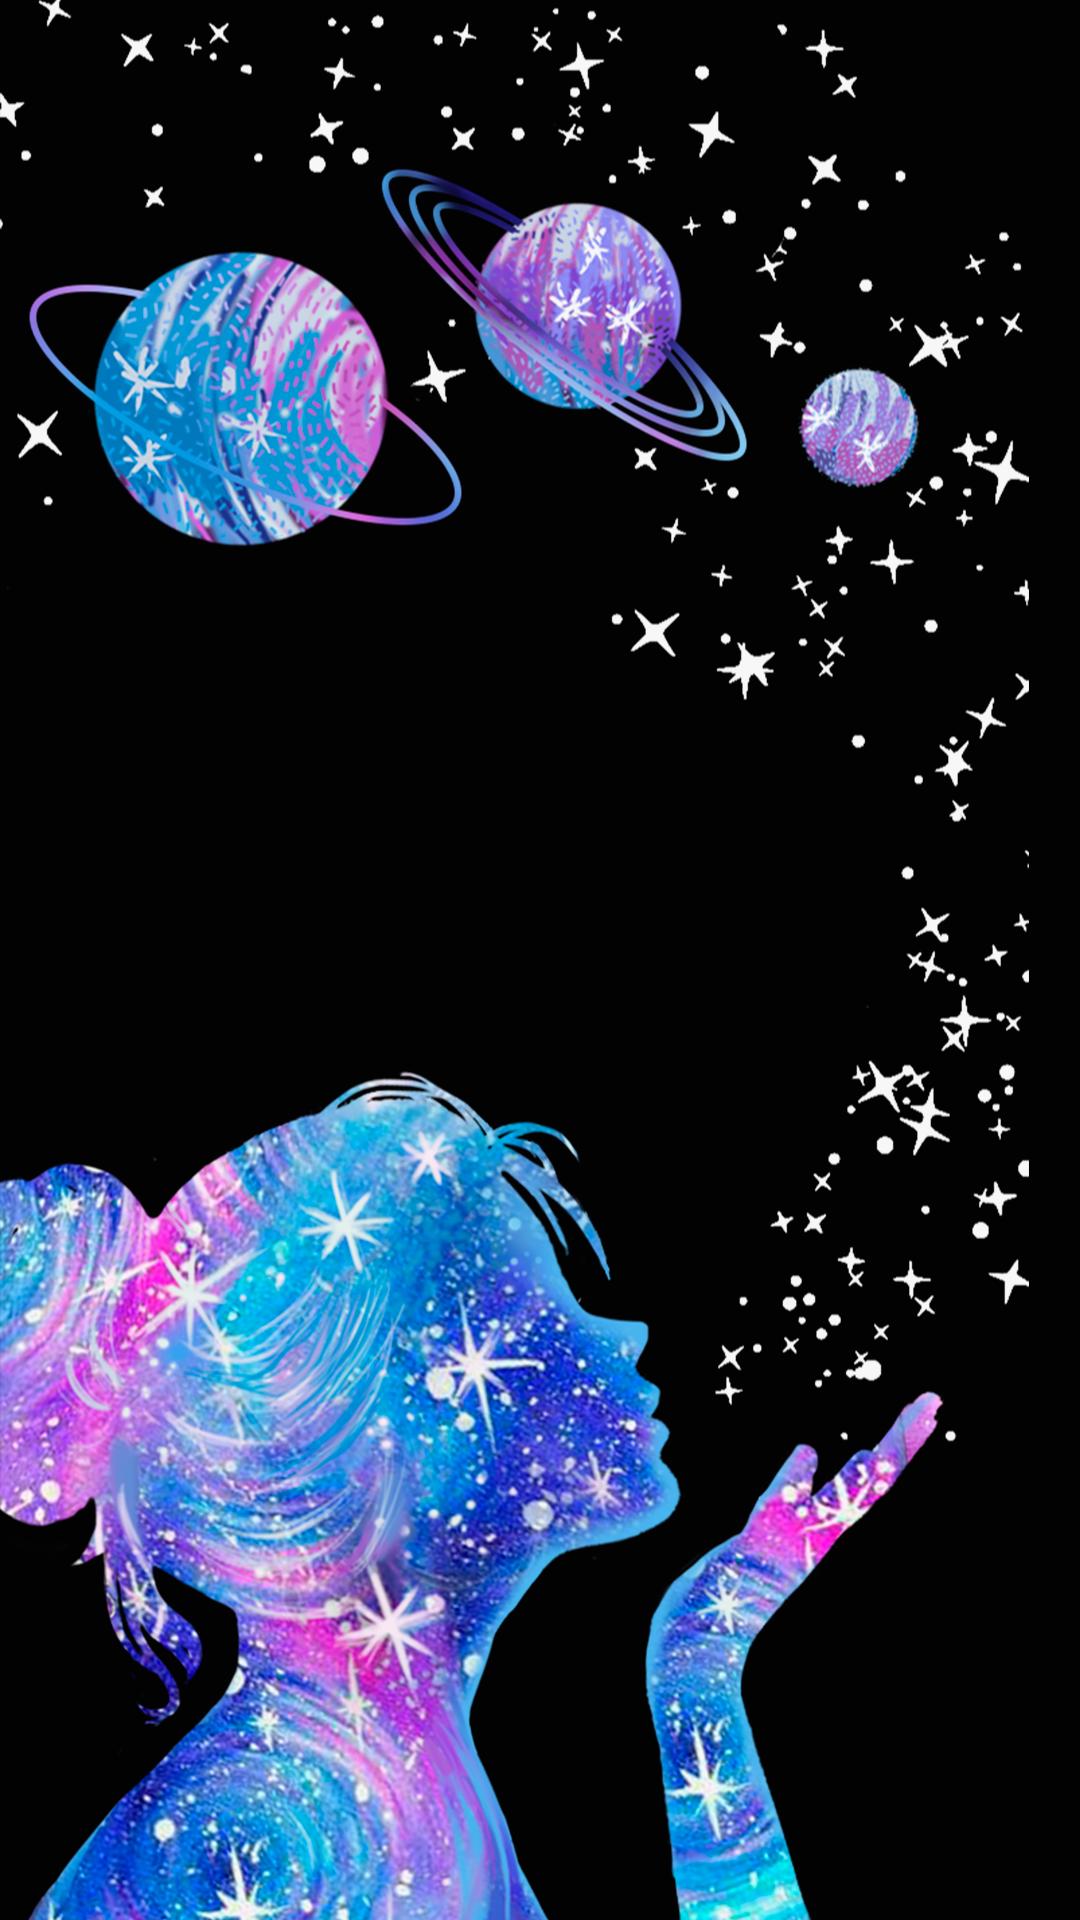 Wallpaper Poeira das Estrelas by Gocase, girl, garota, poeira, estrelas stars dust, sparks, space, galáxia, planetas, espaço, estrelas, universo, universe, planetas, saturno, lua, espaço sideral, astronauta, vênus, terra, marte, júpiter, saturno, urano, netuno, plutão, planets, scorpio, leo, pisces, áries, gêmeos, aquário, virgem, capricórnio, sagitário, escorpião, leão, peixes, planetas, estrelas, #lovegocase, #gocase, #sideral, #planetas, #galáxia, wallpaper, blue, purple, white, azul, roxo